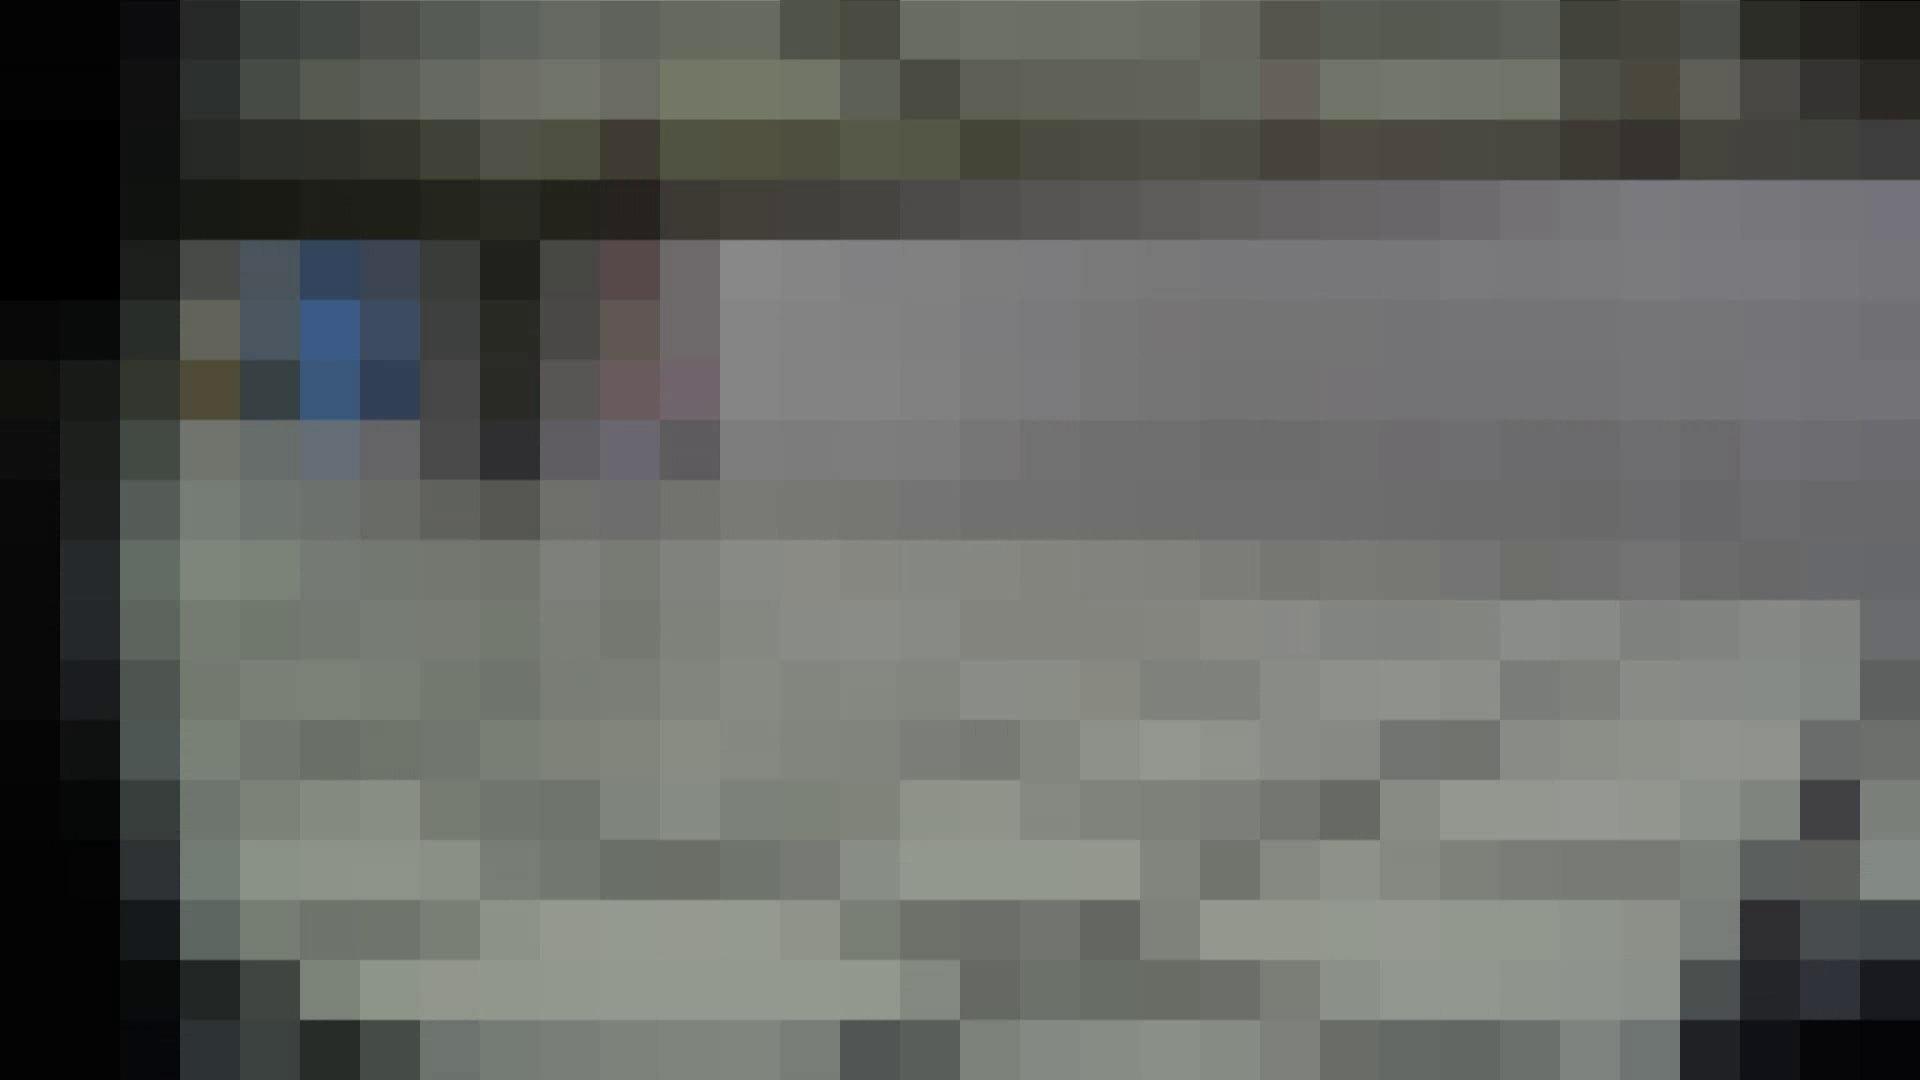 洗面所特攻隊vol.014 出れなくなって絶対絶命 洗面所 AV動画キャプチャ 57連発 50